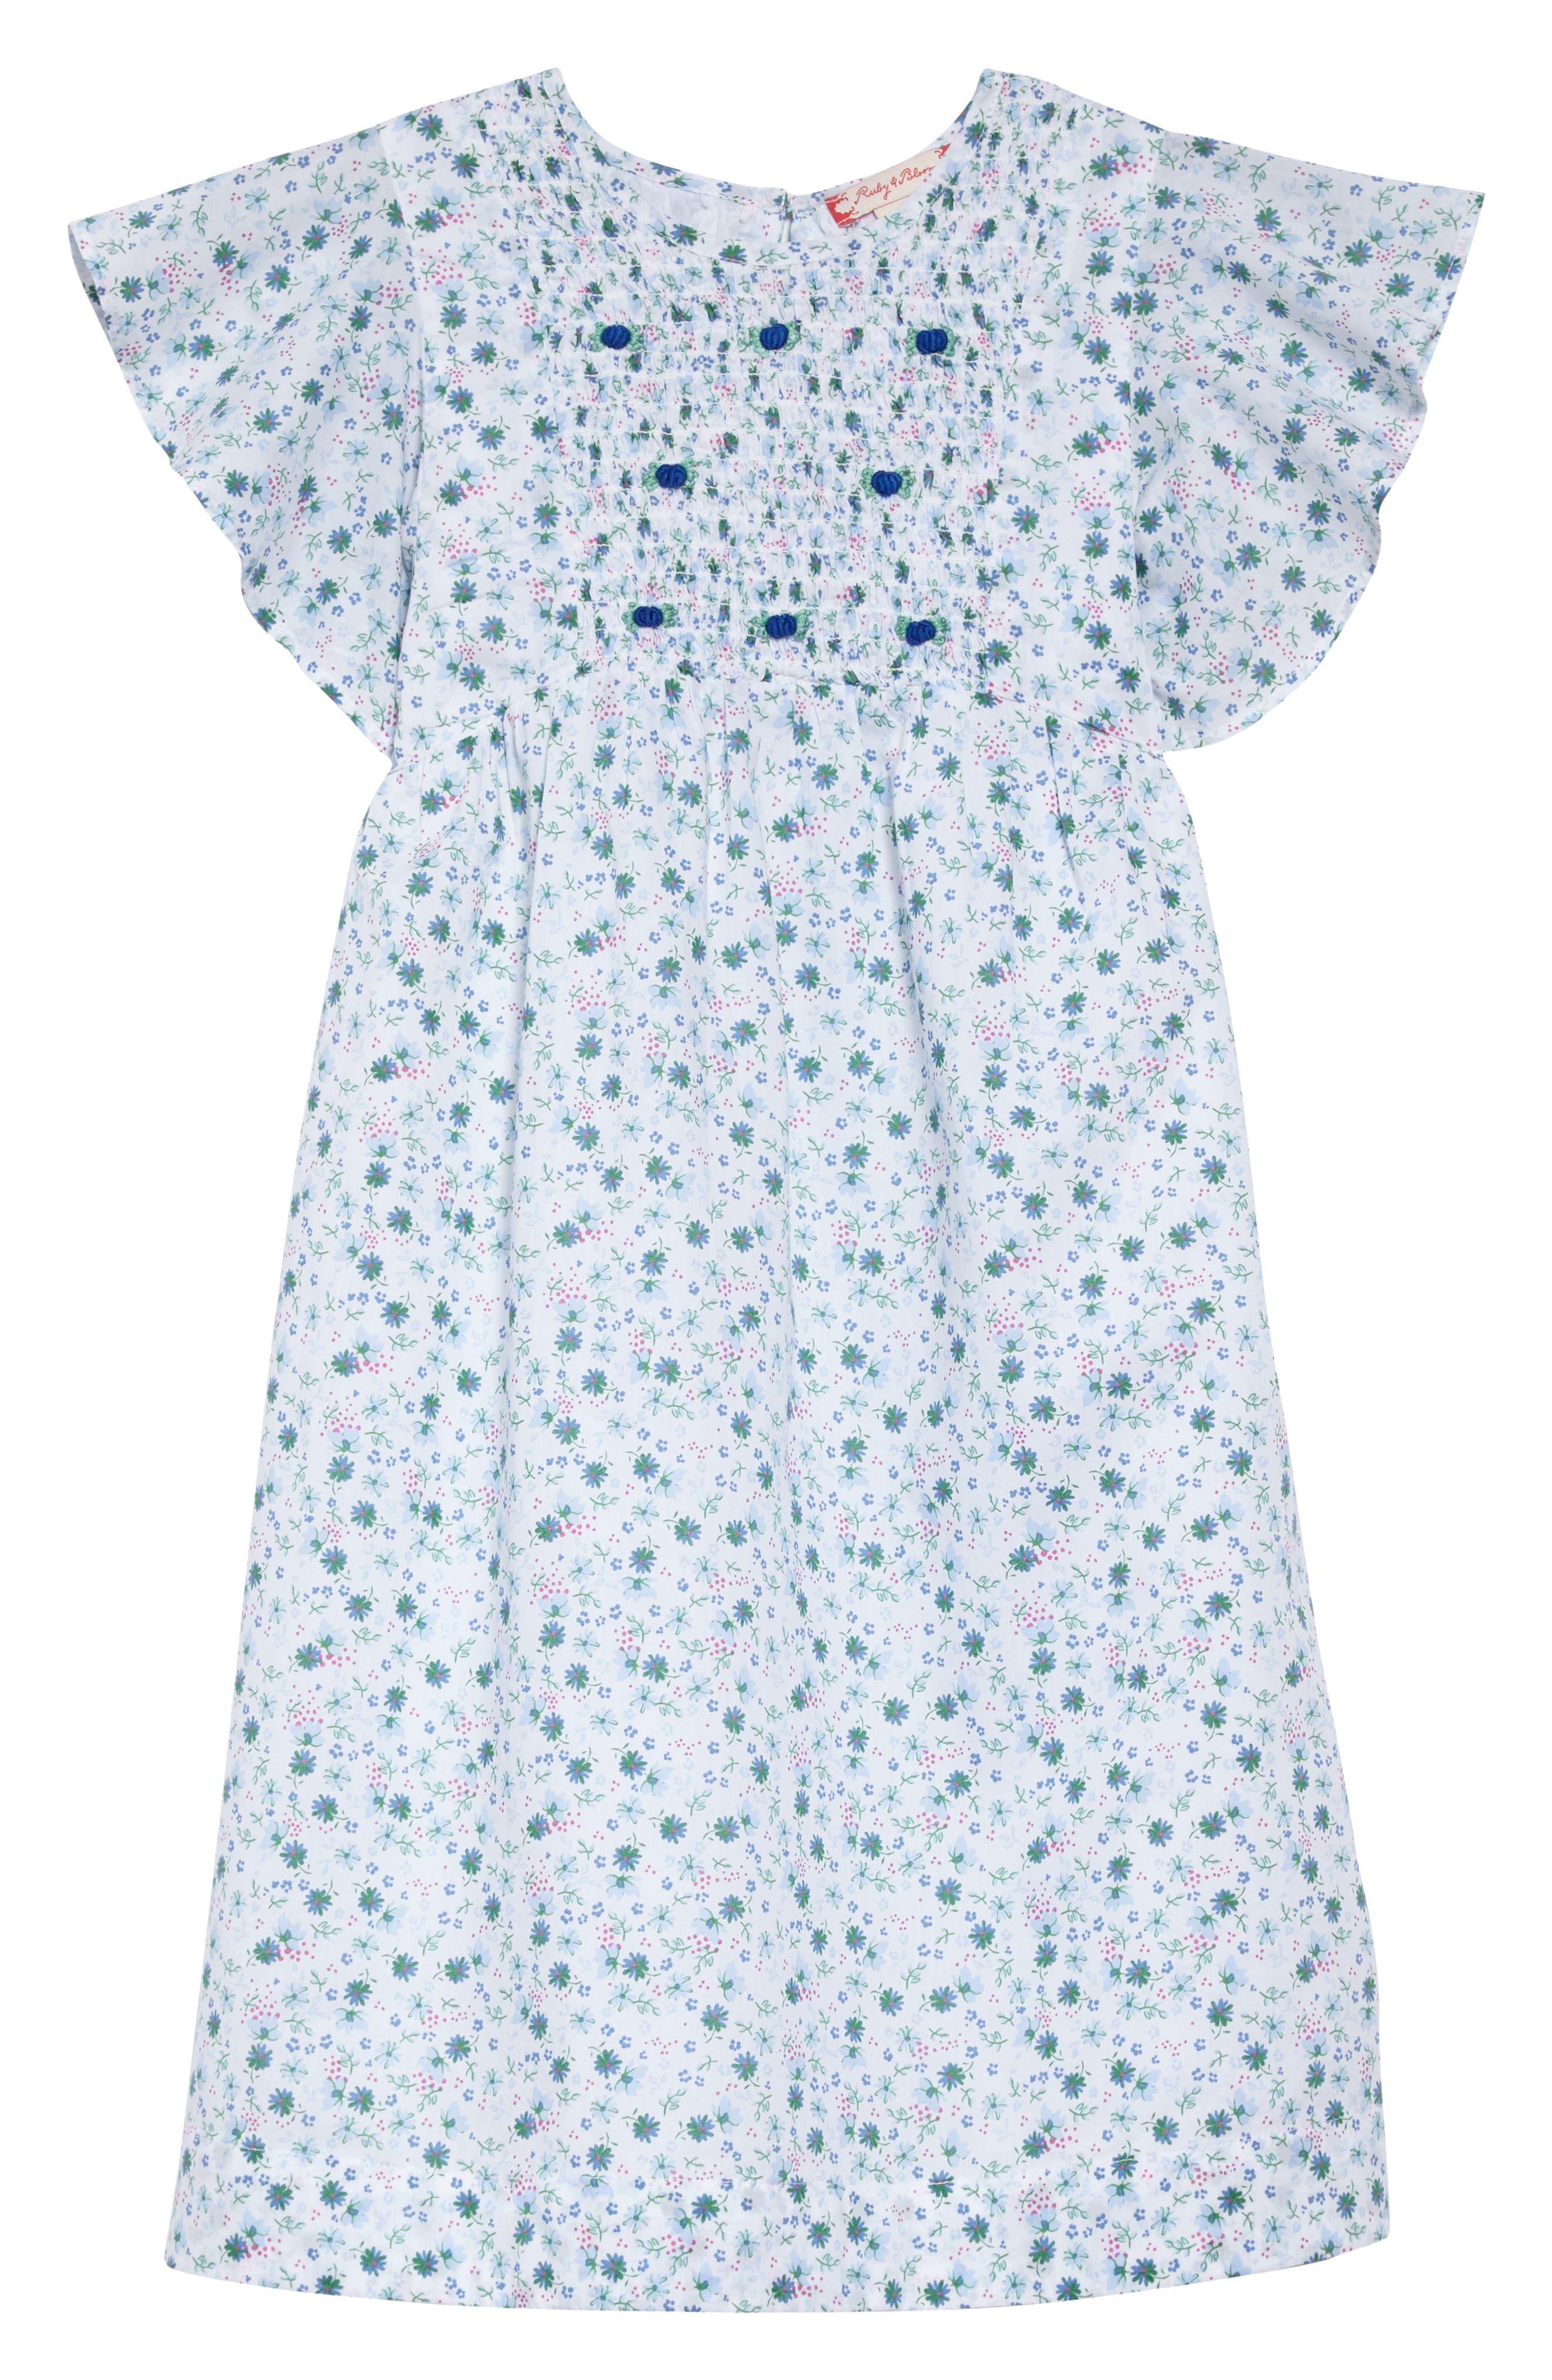 Floral Flutter Sleeve Dress,                         Main,                         color, 100